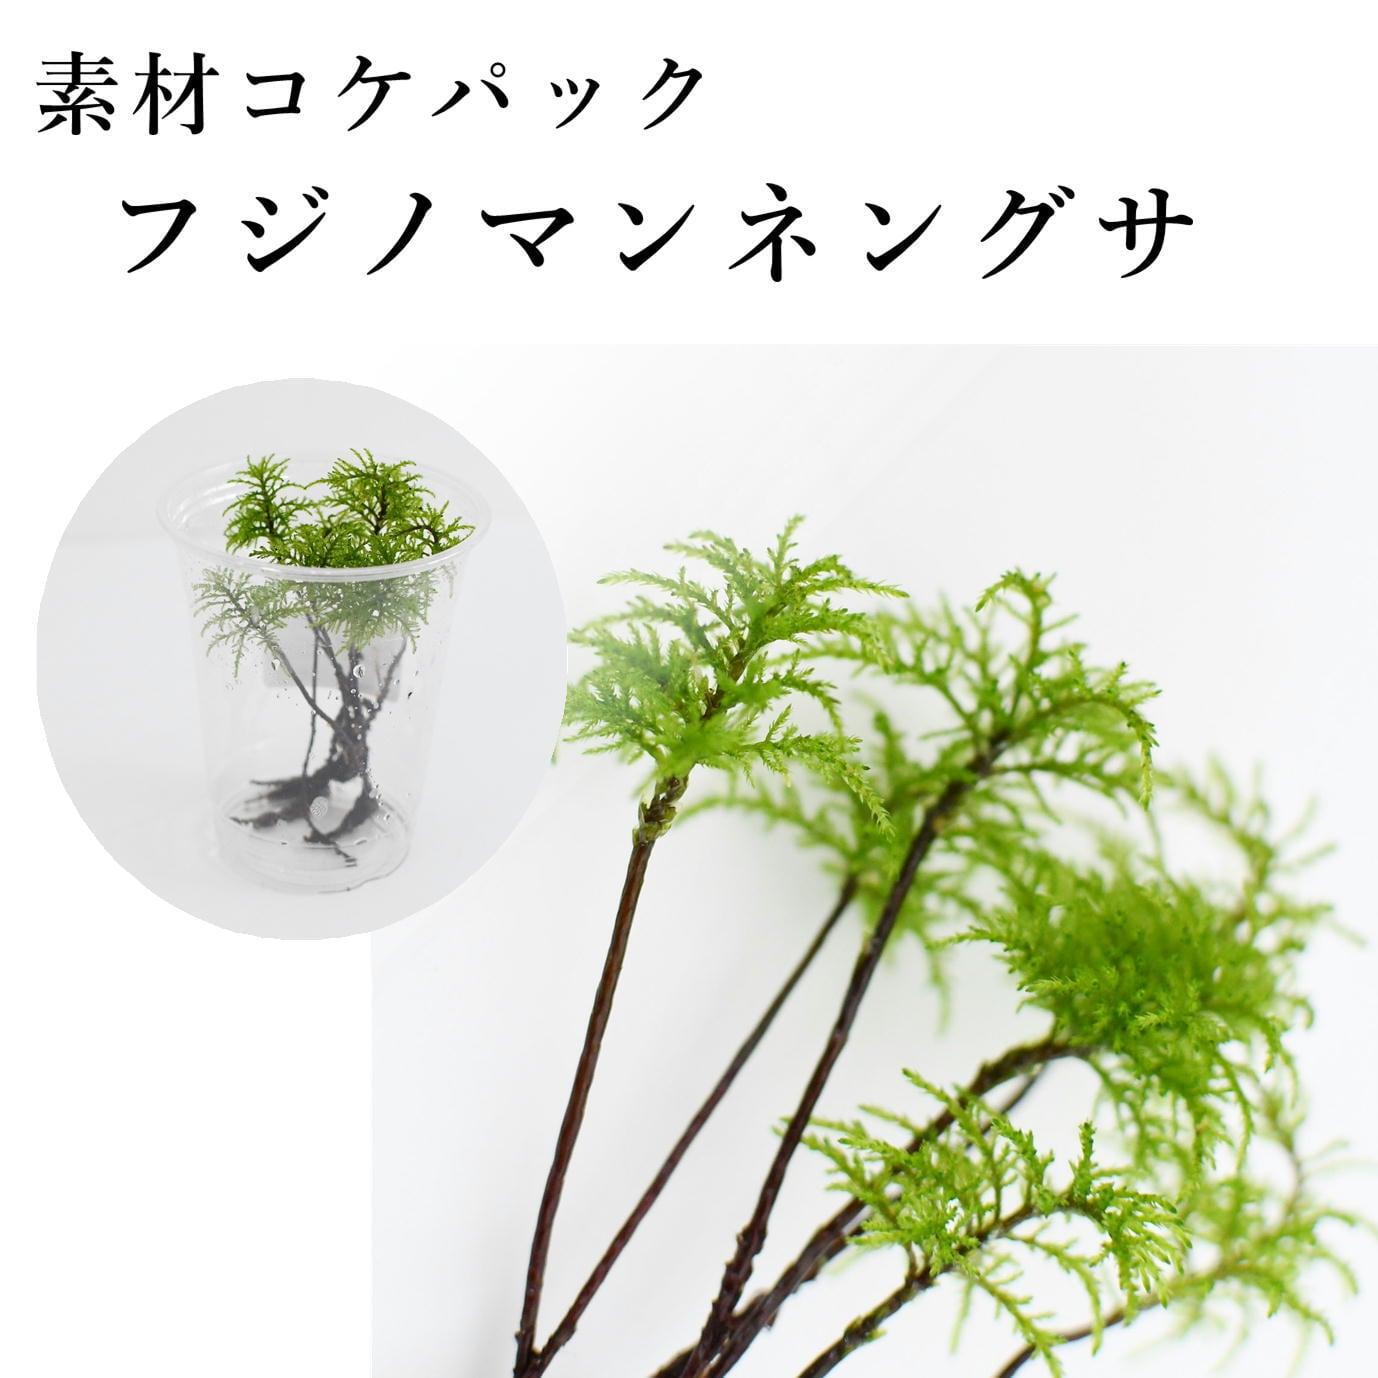 フジノマンネングサ 7芽入り 苔テラリウム作製用素材苔